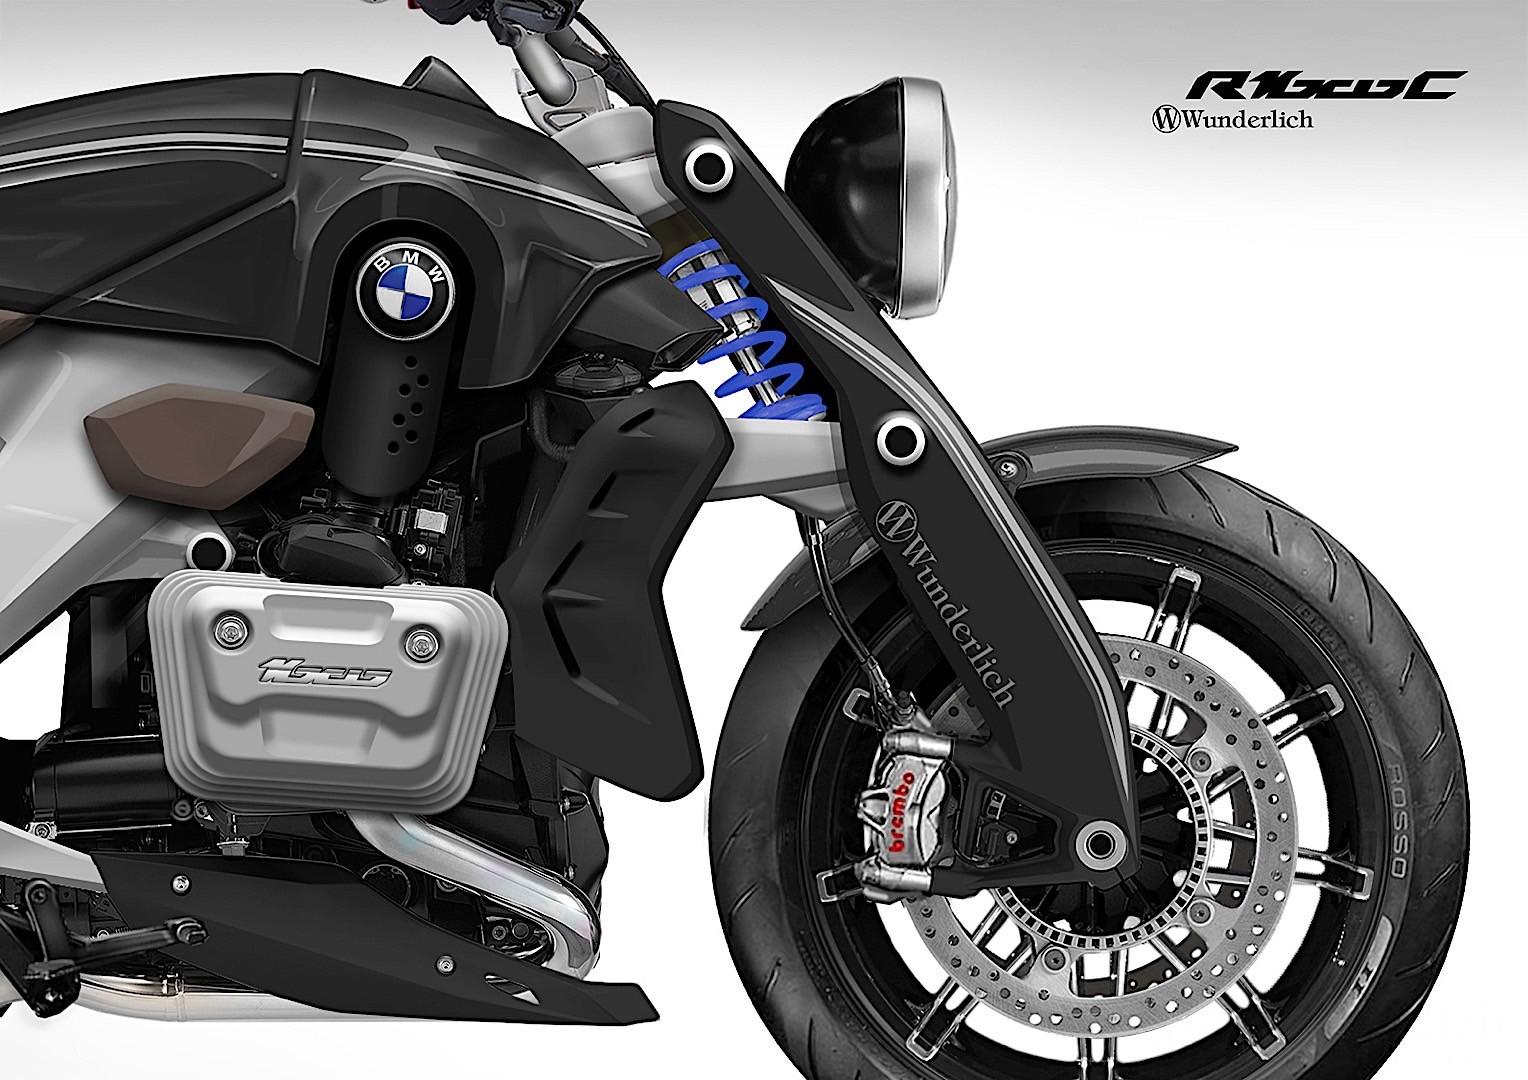 BMW Motorrad Should Build This Wunderlich R 1600 C Concept